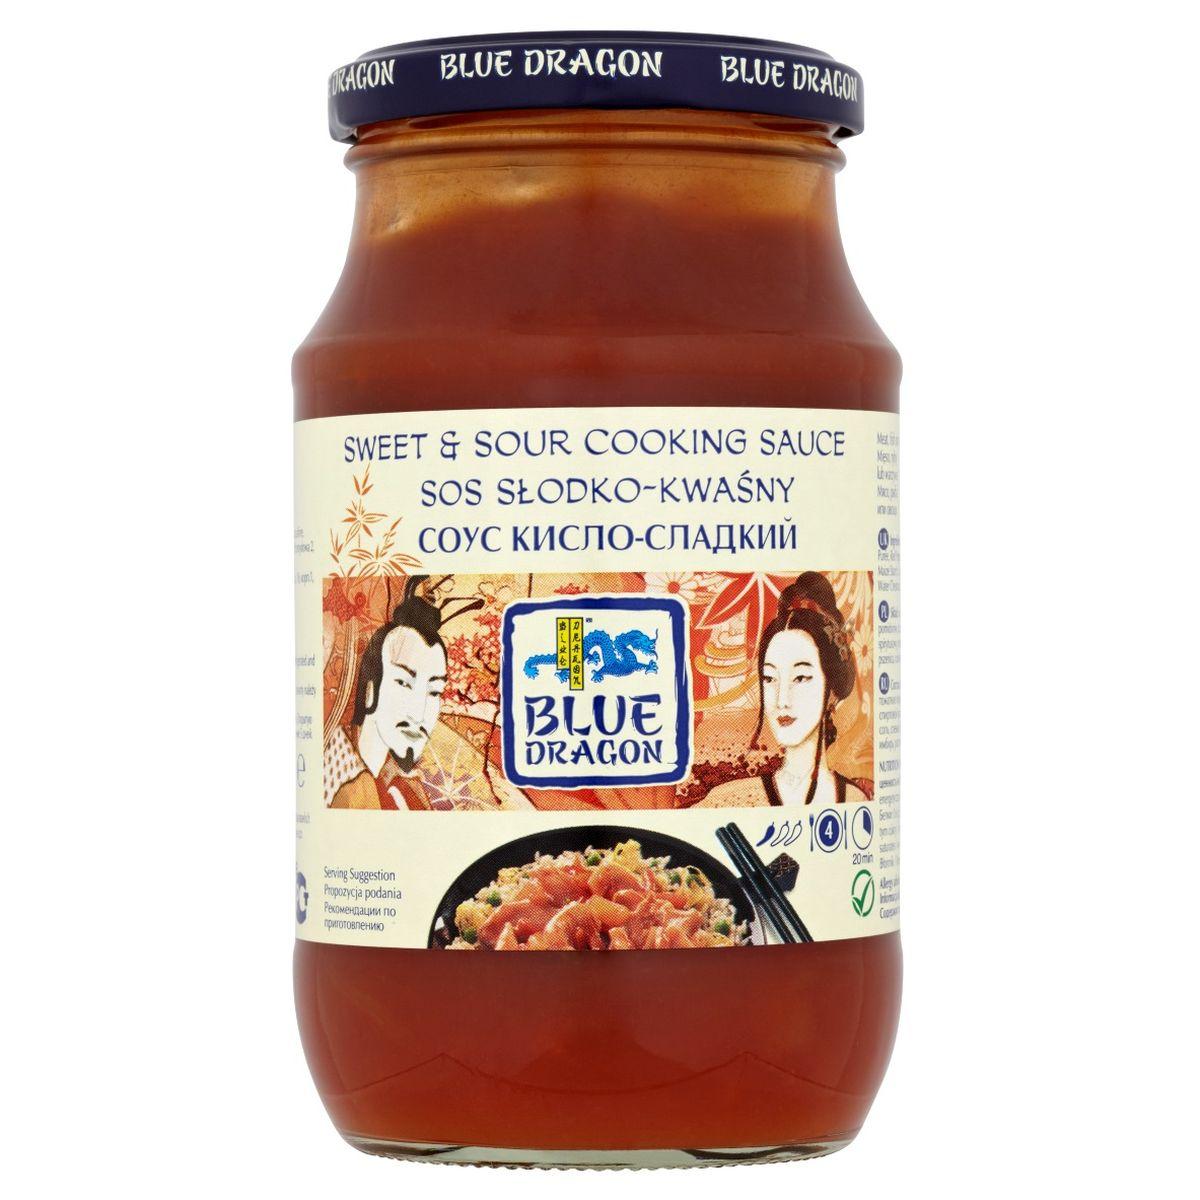 Blue Dragon Соус кисло-сладкий, 425 г020715Не содержит искусственных красителей и ароматизаторов. Подходит для вегетарианцев и веганов. Рекомендуется подавать с жареным рисом с яйцом.